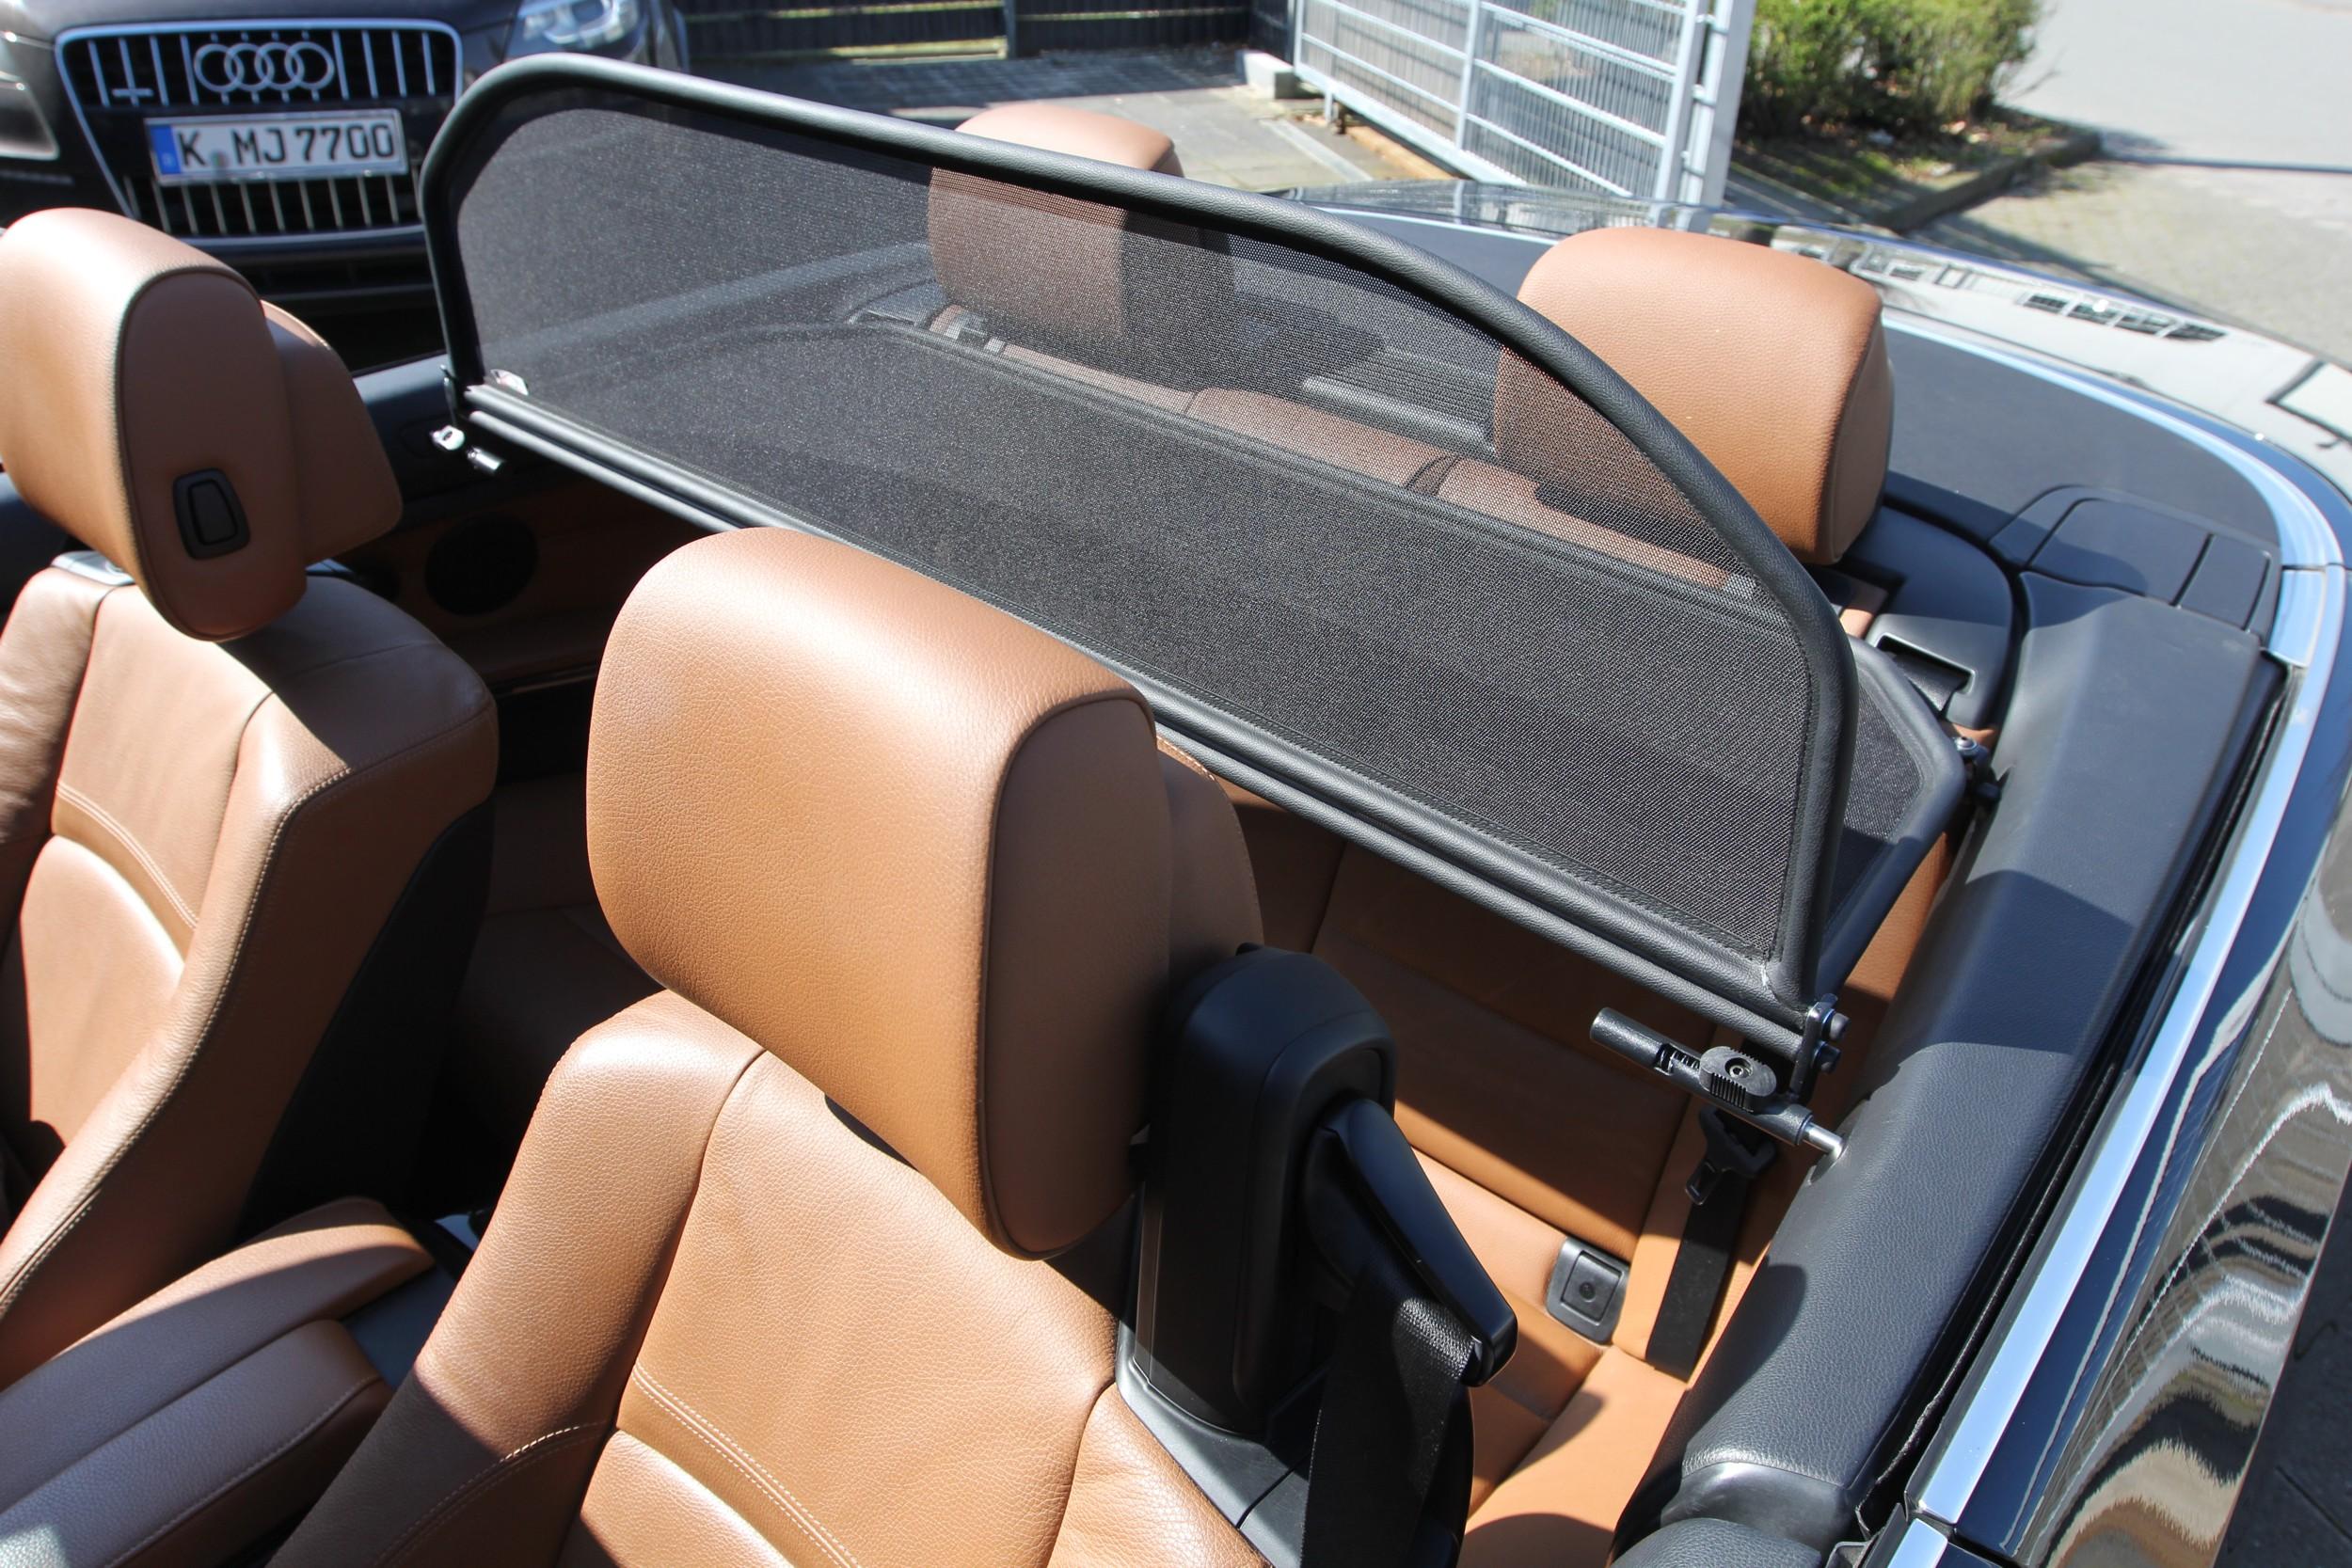 Vindskærm monteret i BMW Cabriolet